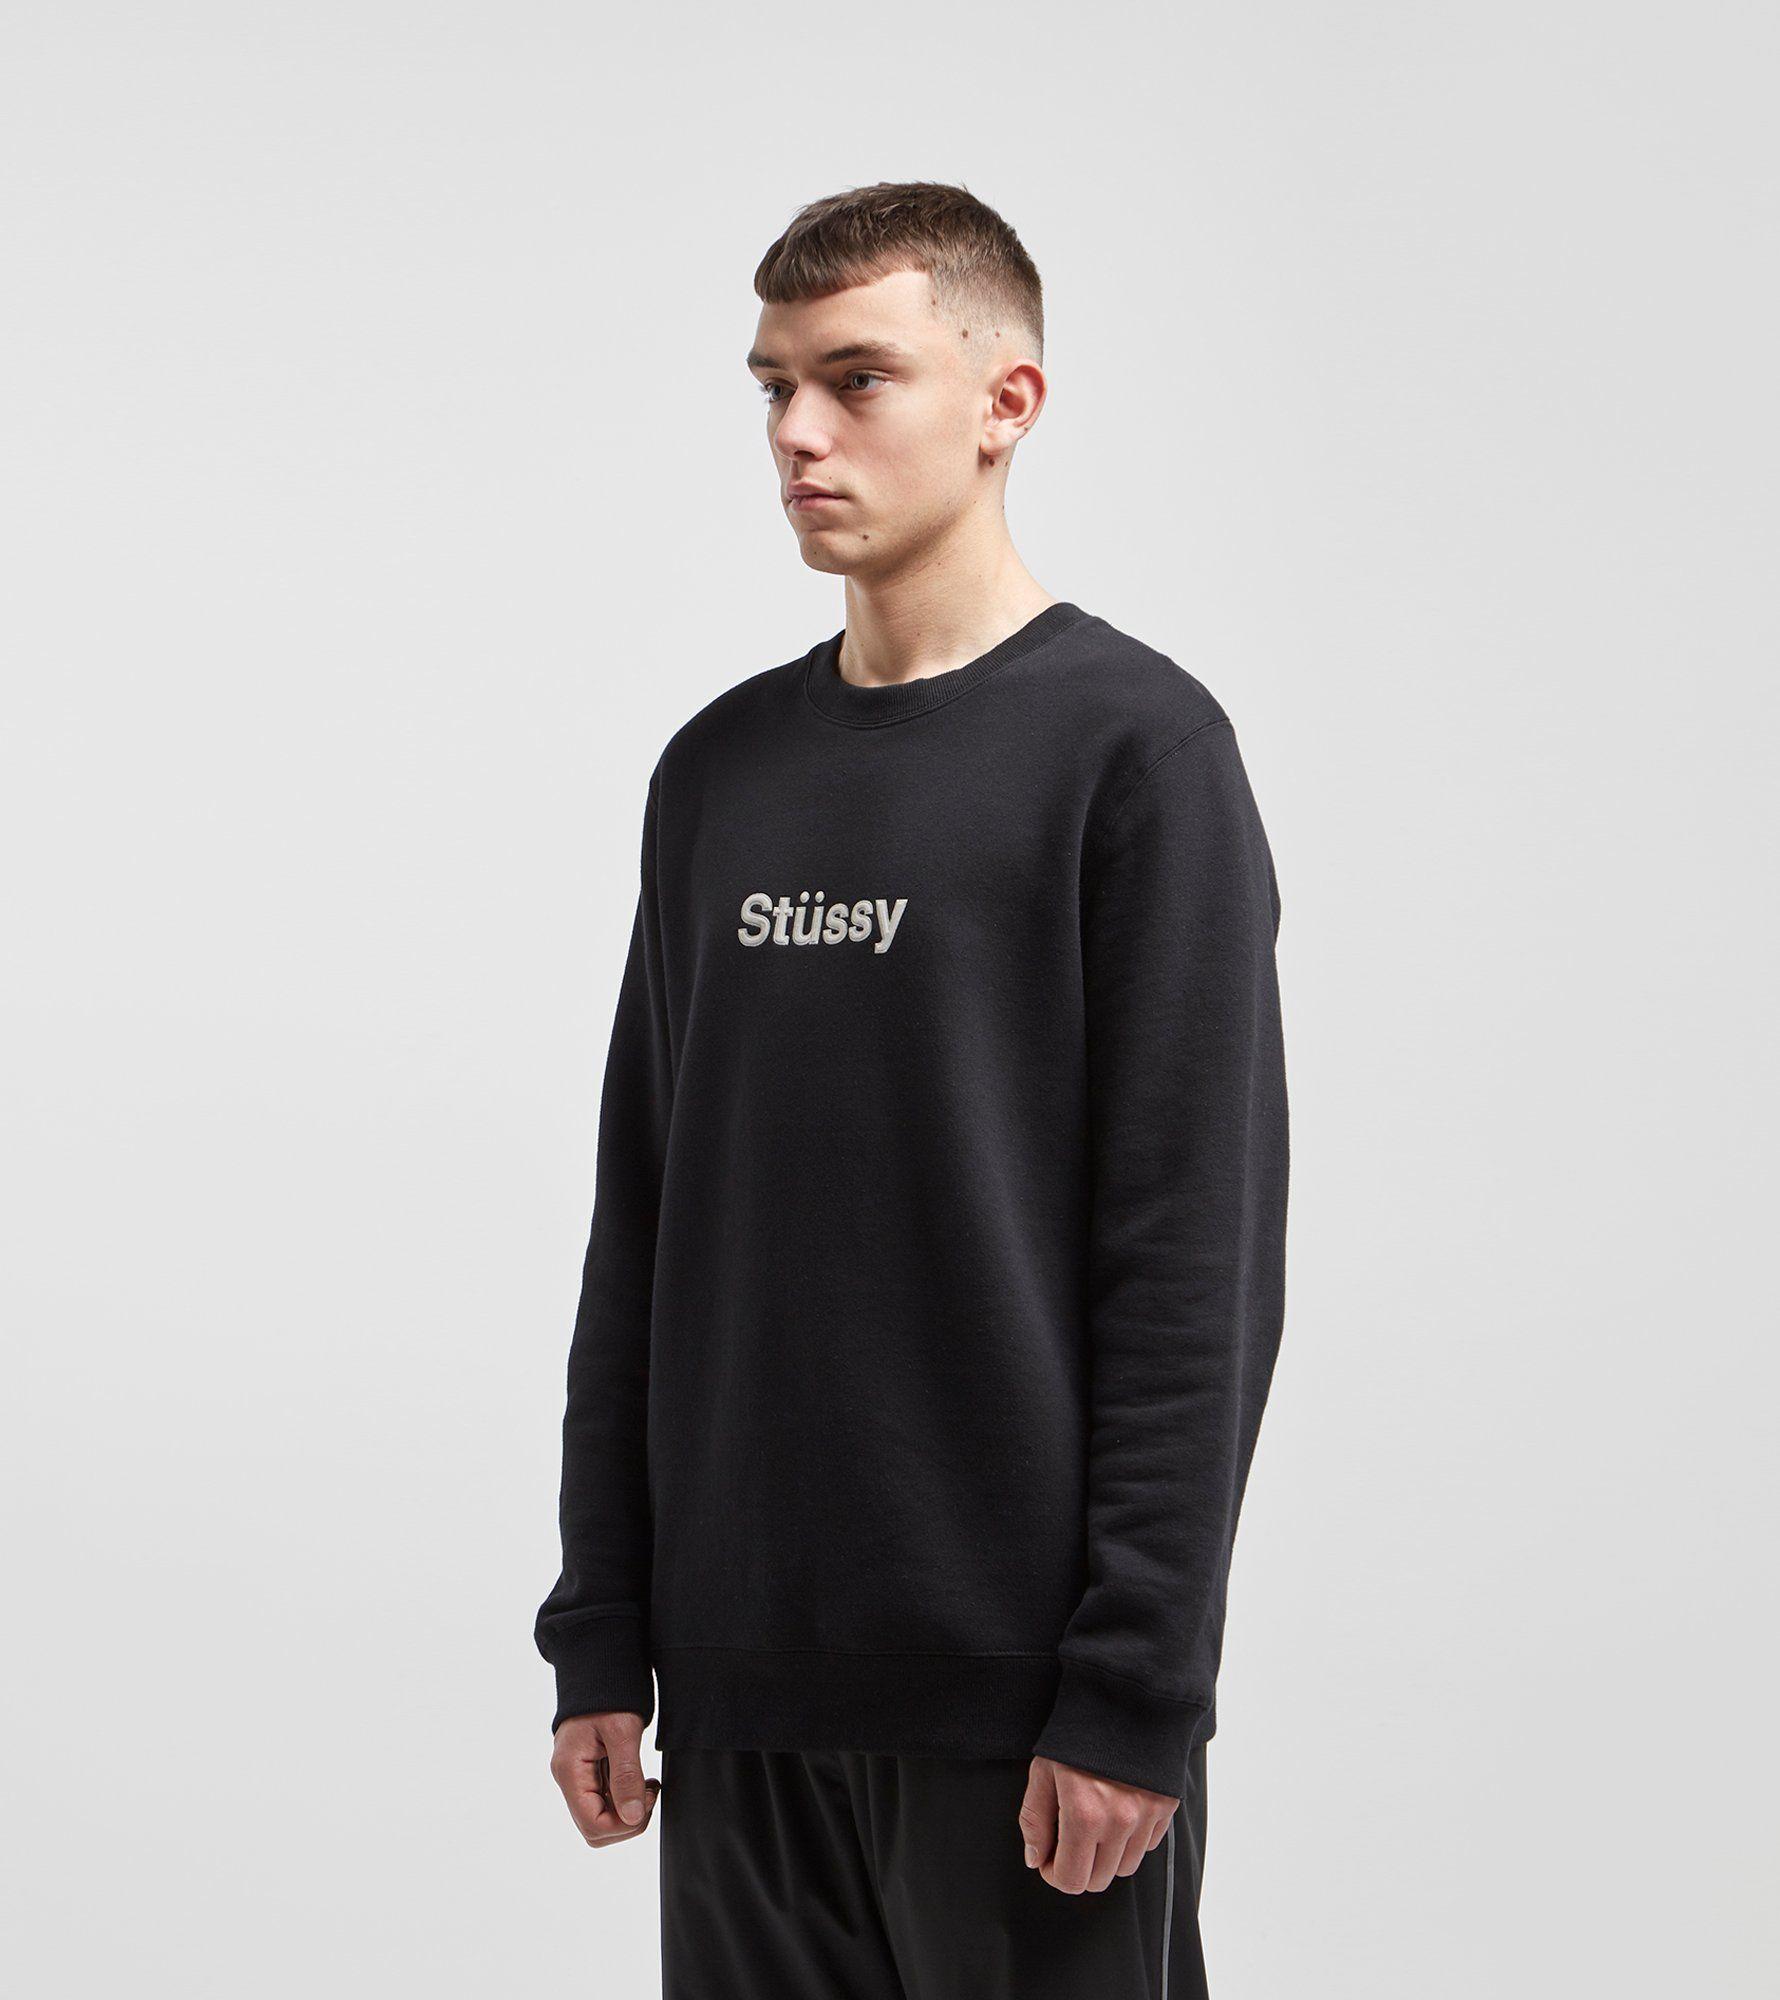 Stussy Weld Applique Crew Sweatshirt